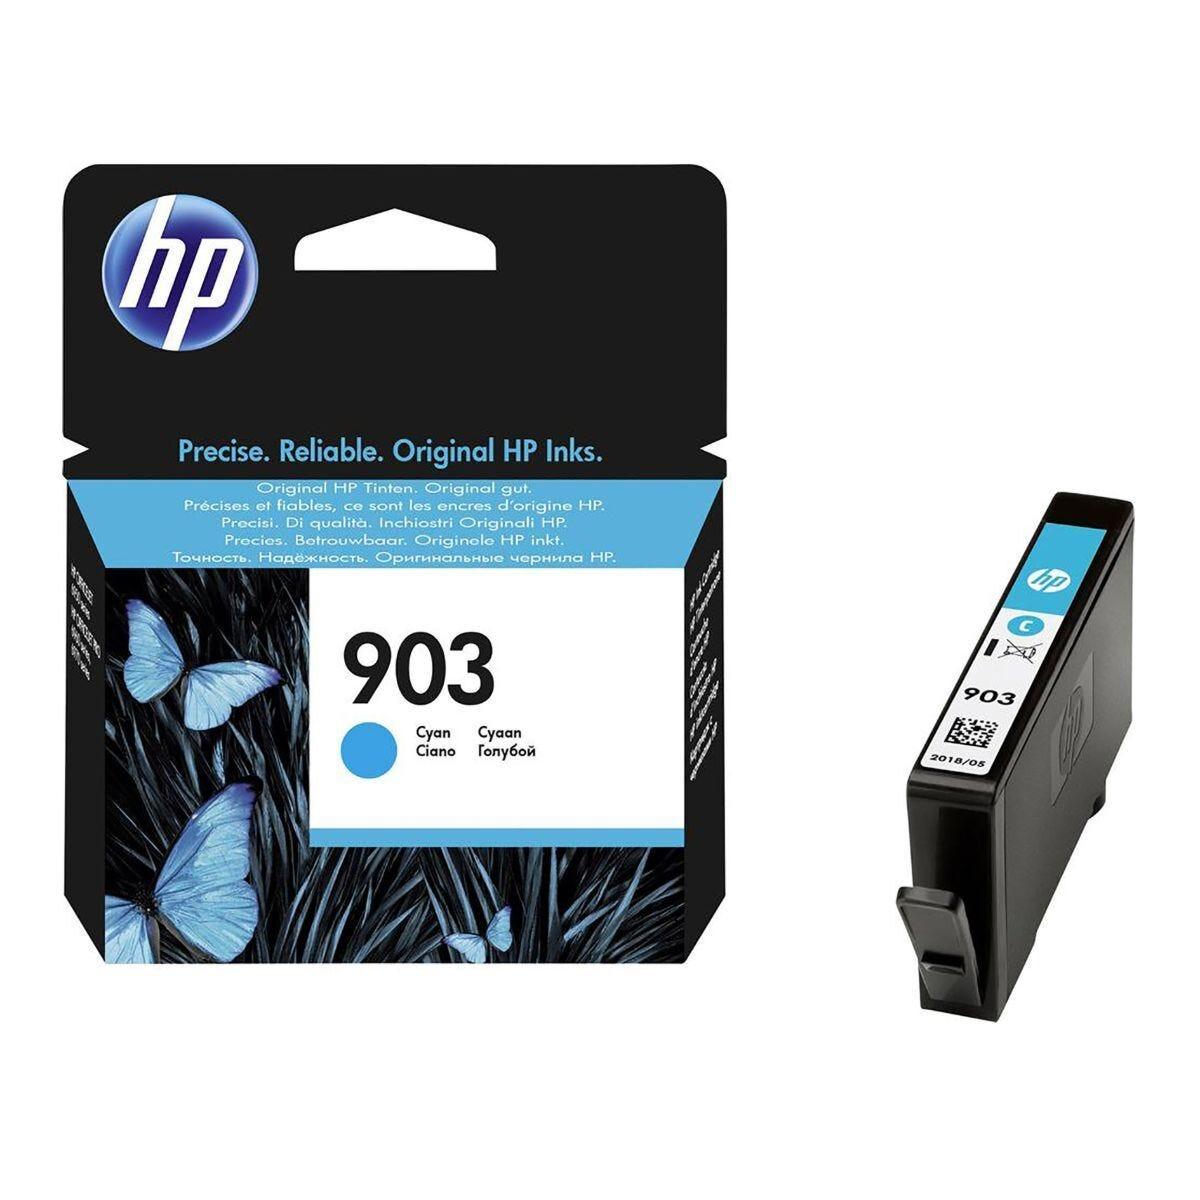 HP 903 Ink Cartridge Cyan